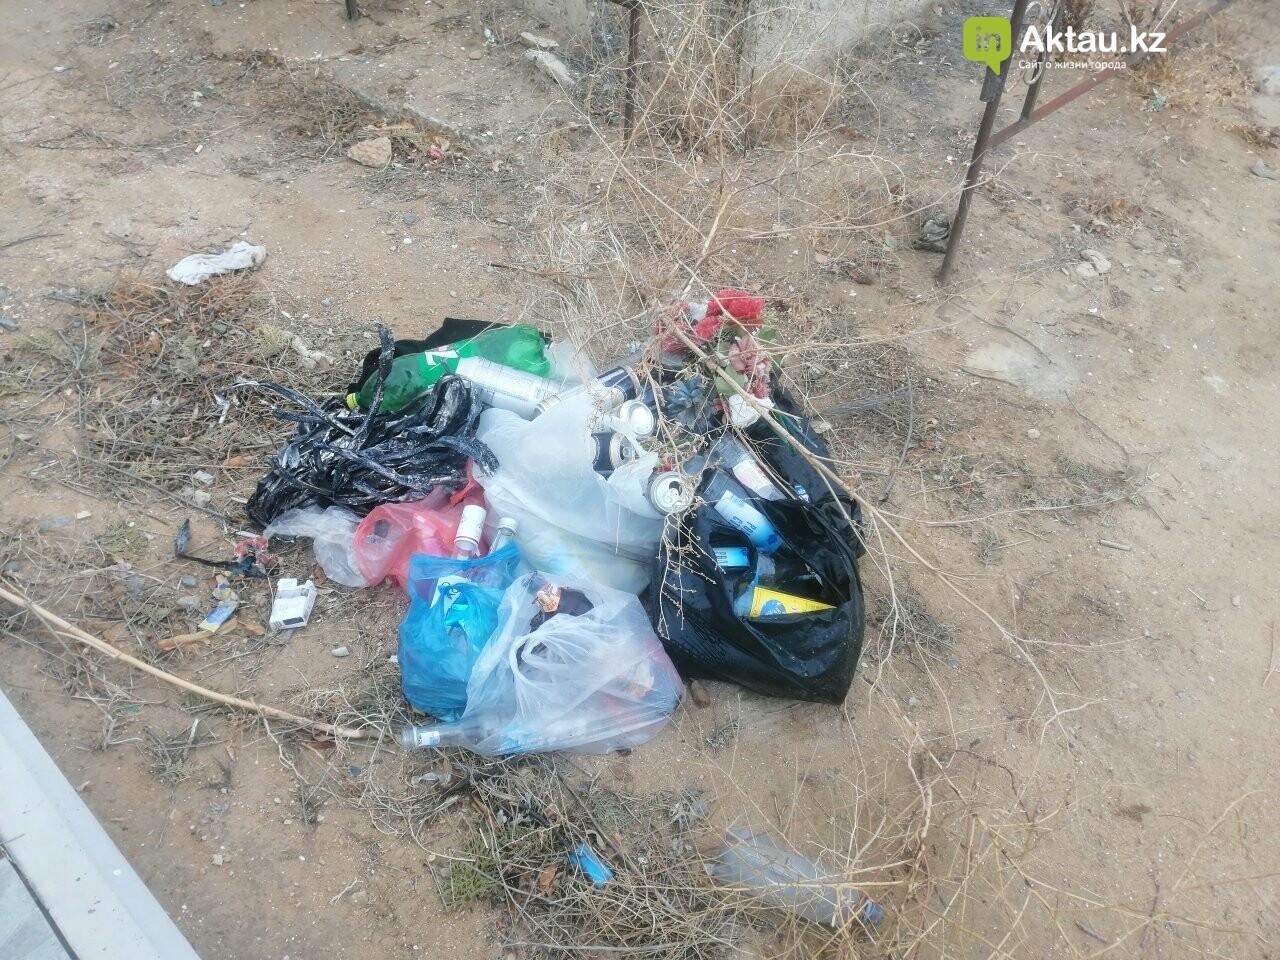 Жители Актау пожаловались на мусор на православном кладбище , фото-4